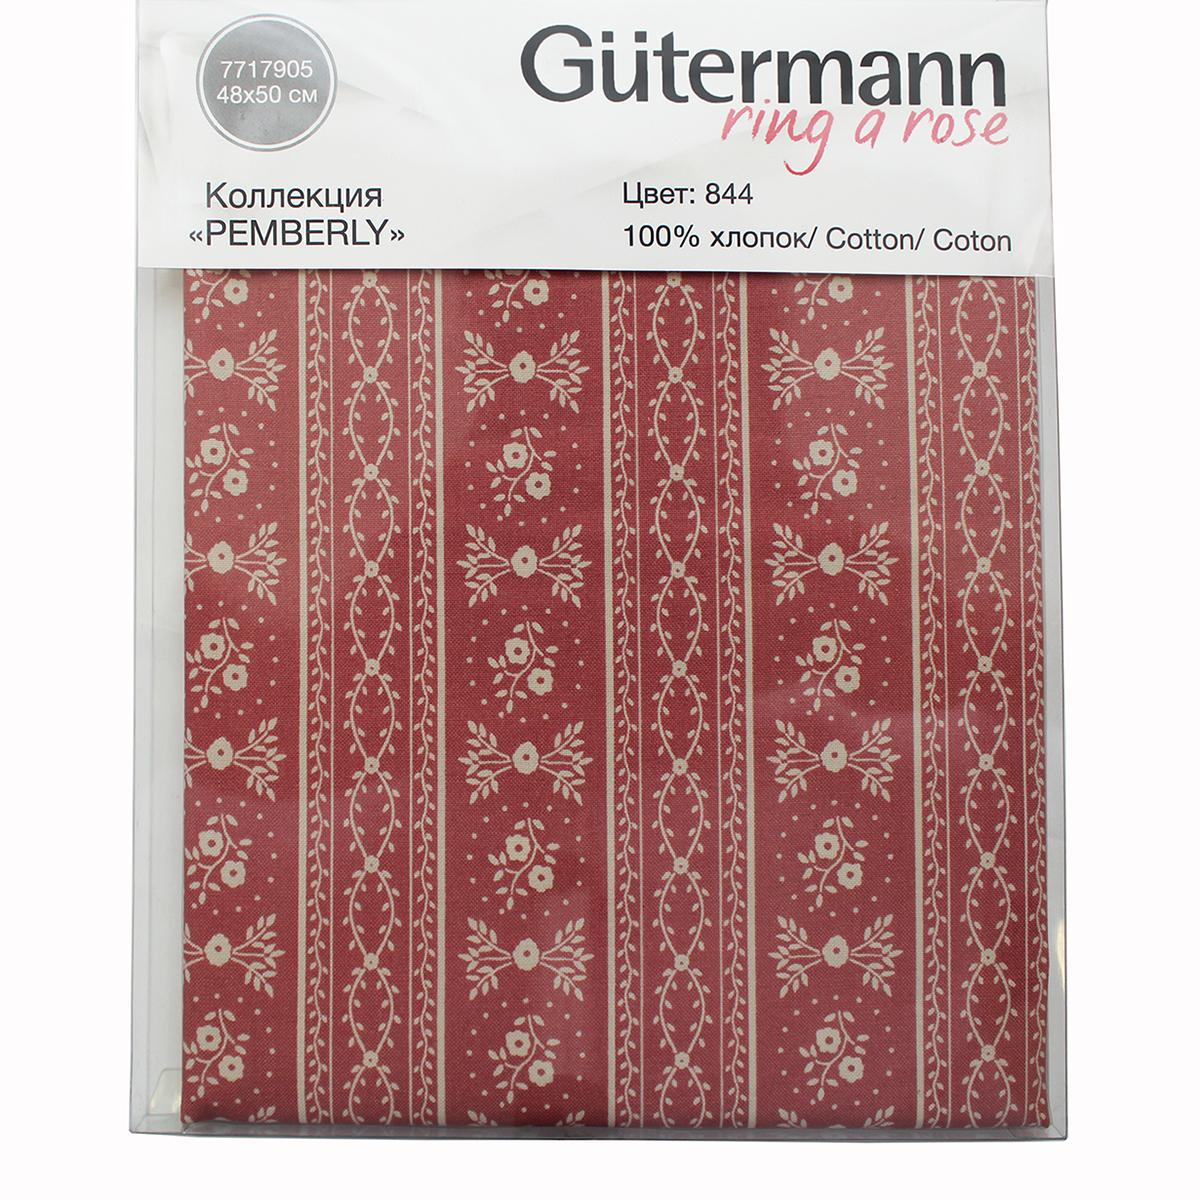 Ткань Gutermann Pemberly, 48 х 50 см. 649101_844C0042416Хлопковая ткань от Gutermann (Гутерманн) выполнена из 100% натурального материала, идеально подойдет для шитья одежды, постельного белья, декорирования. Ткань не линяет, не осыпается по краям и не дает усадки.